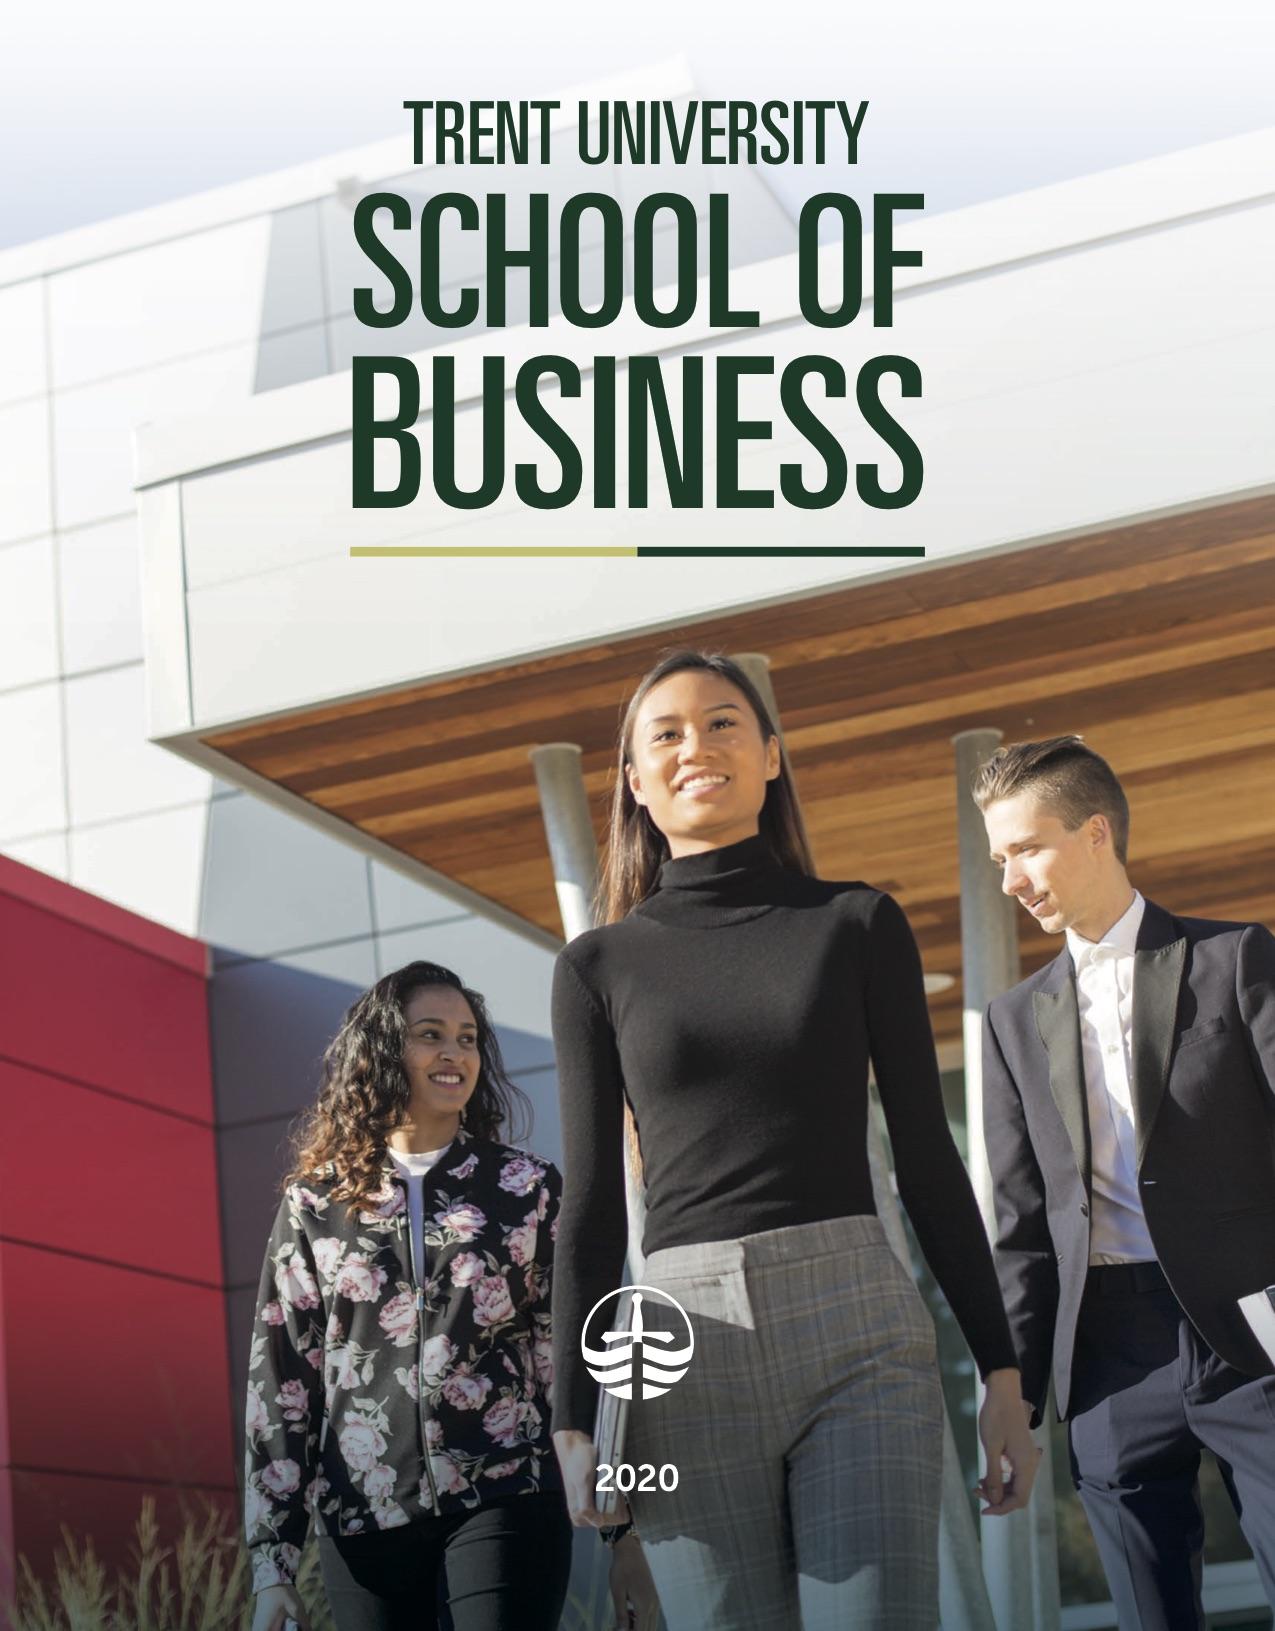 2020 Business Viewbook